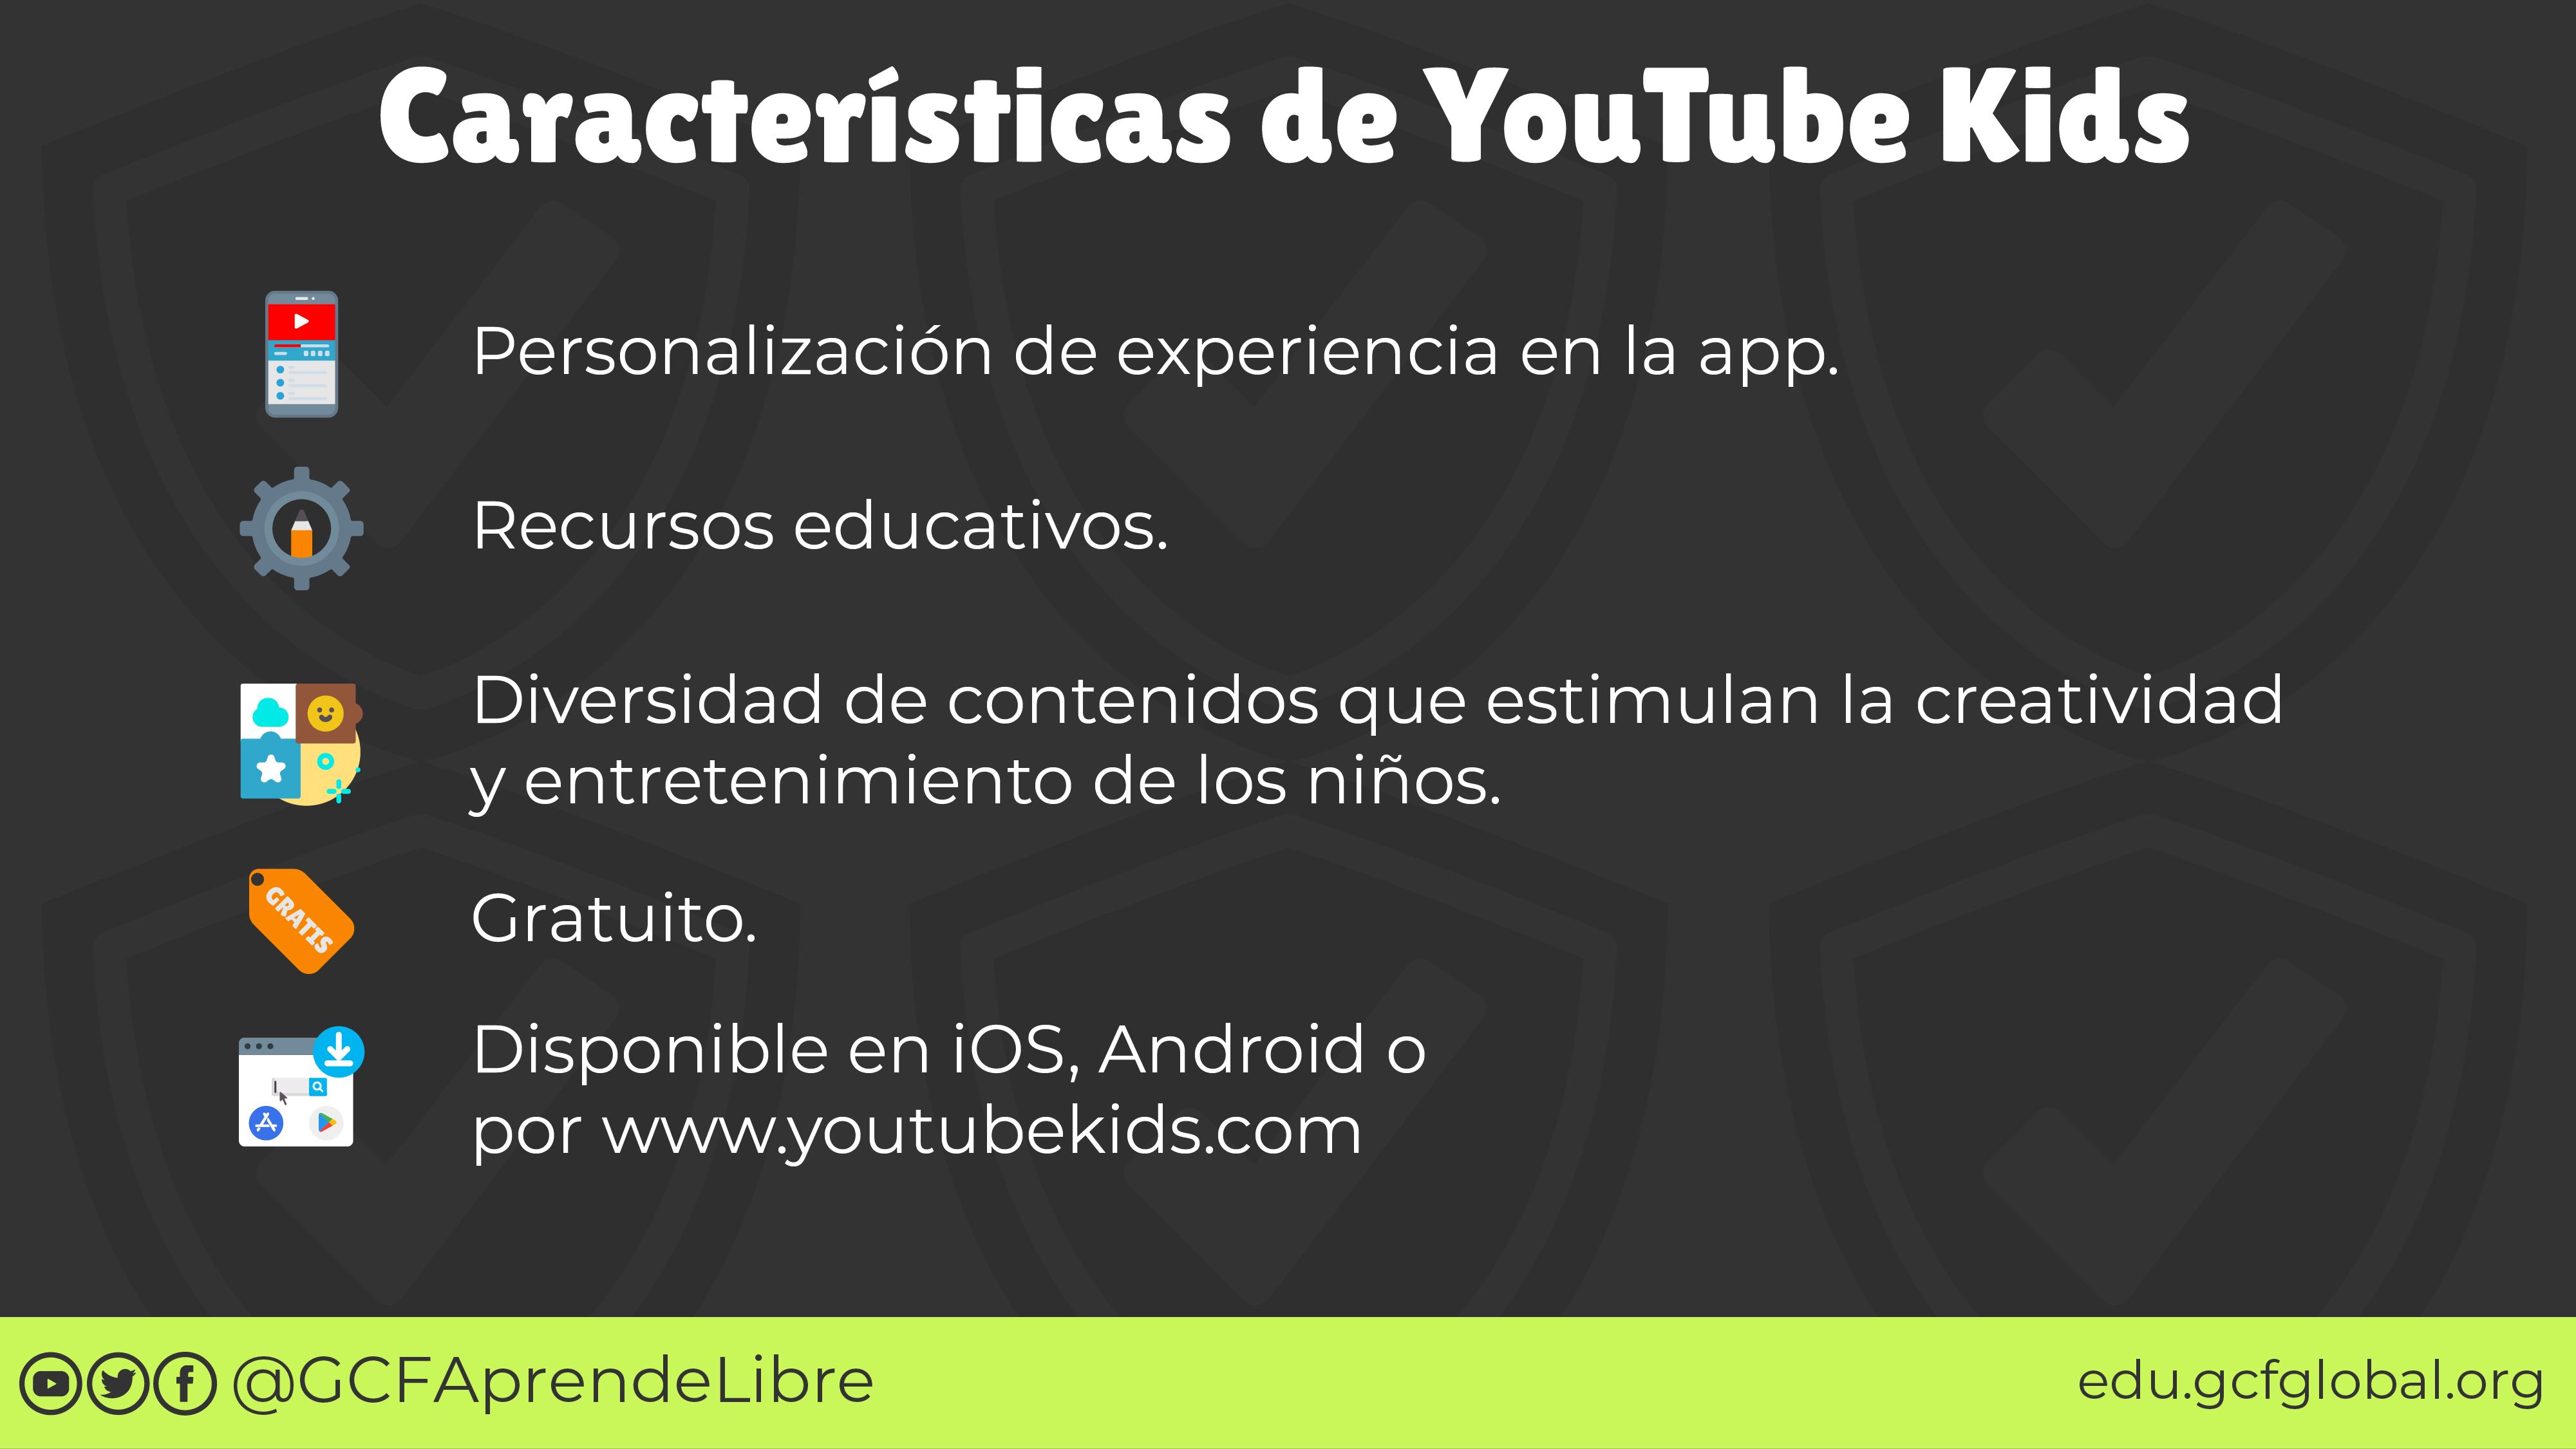 Características YouTube Kids